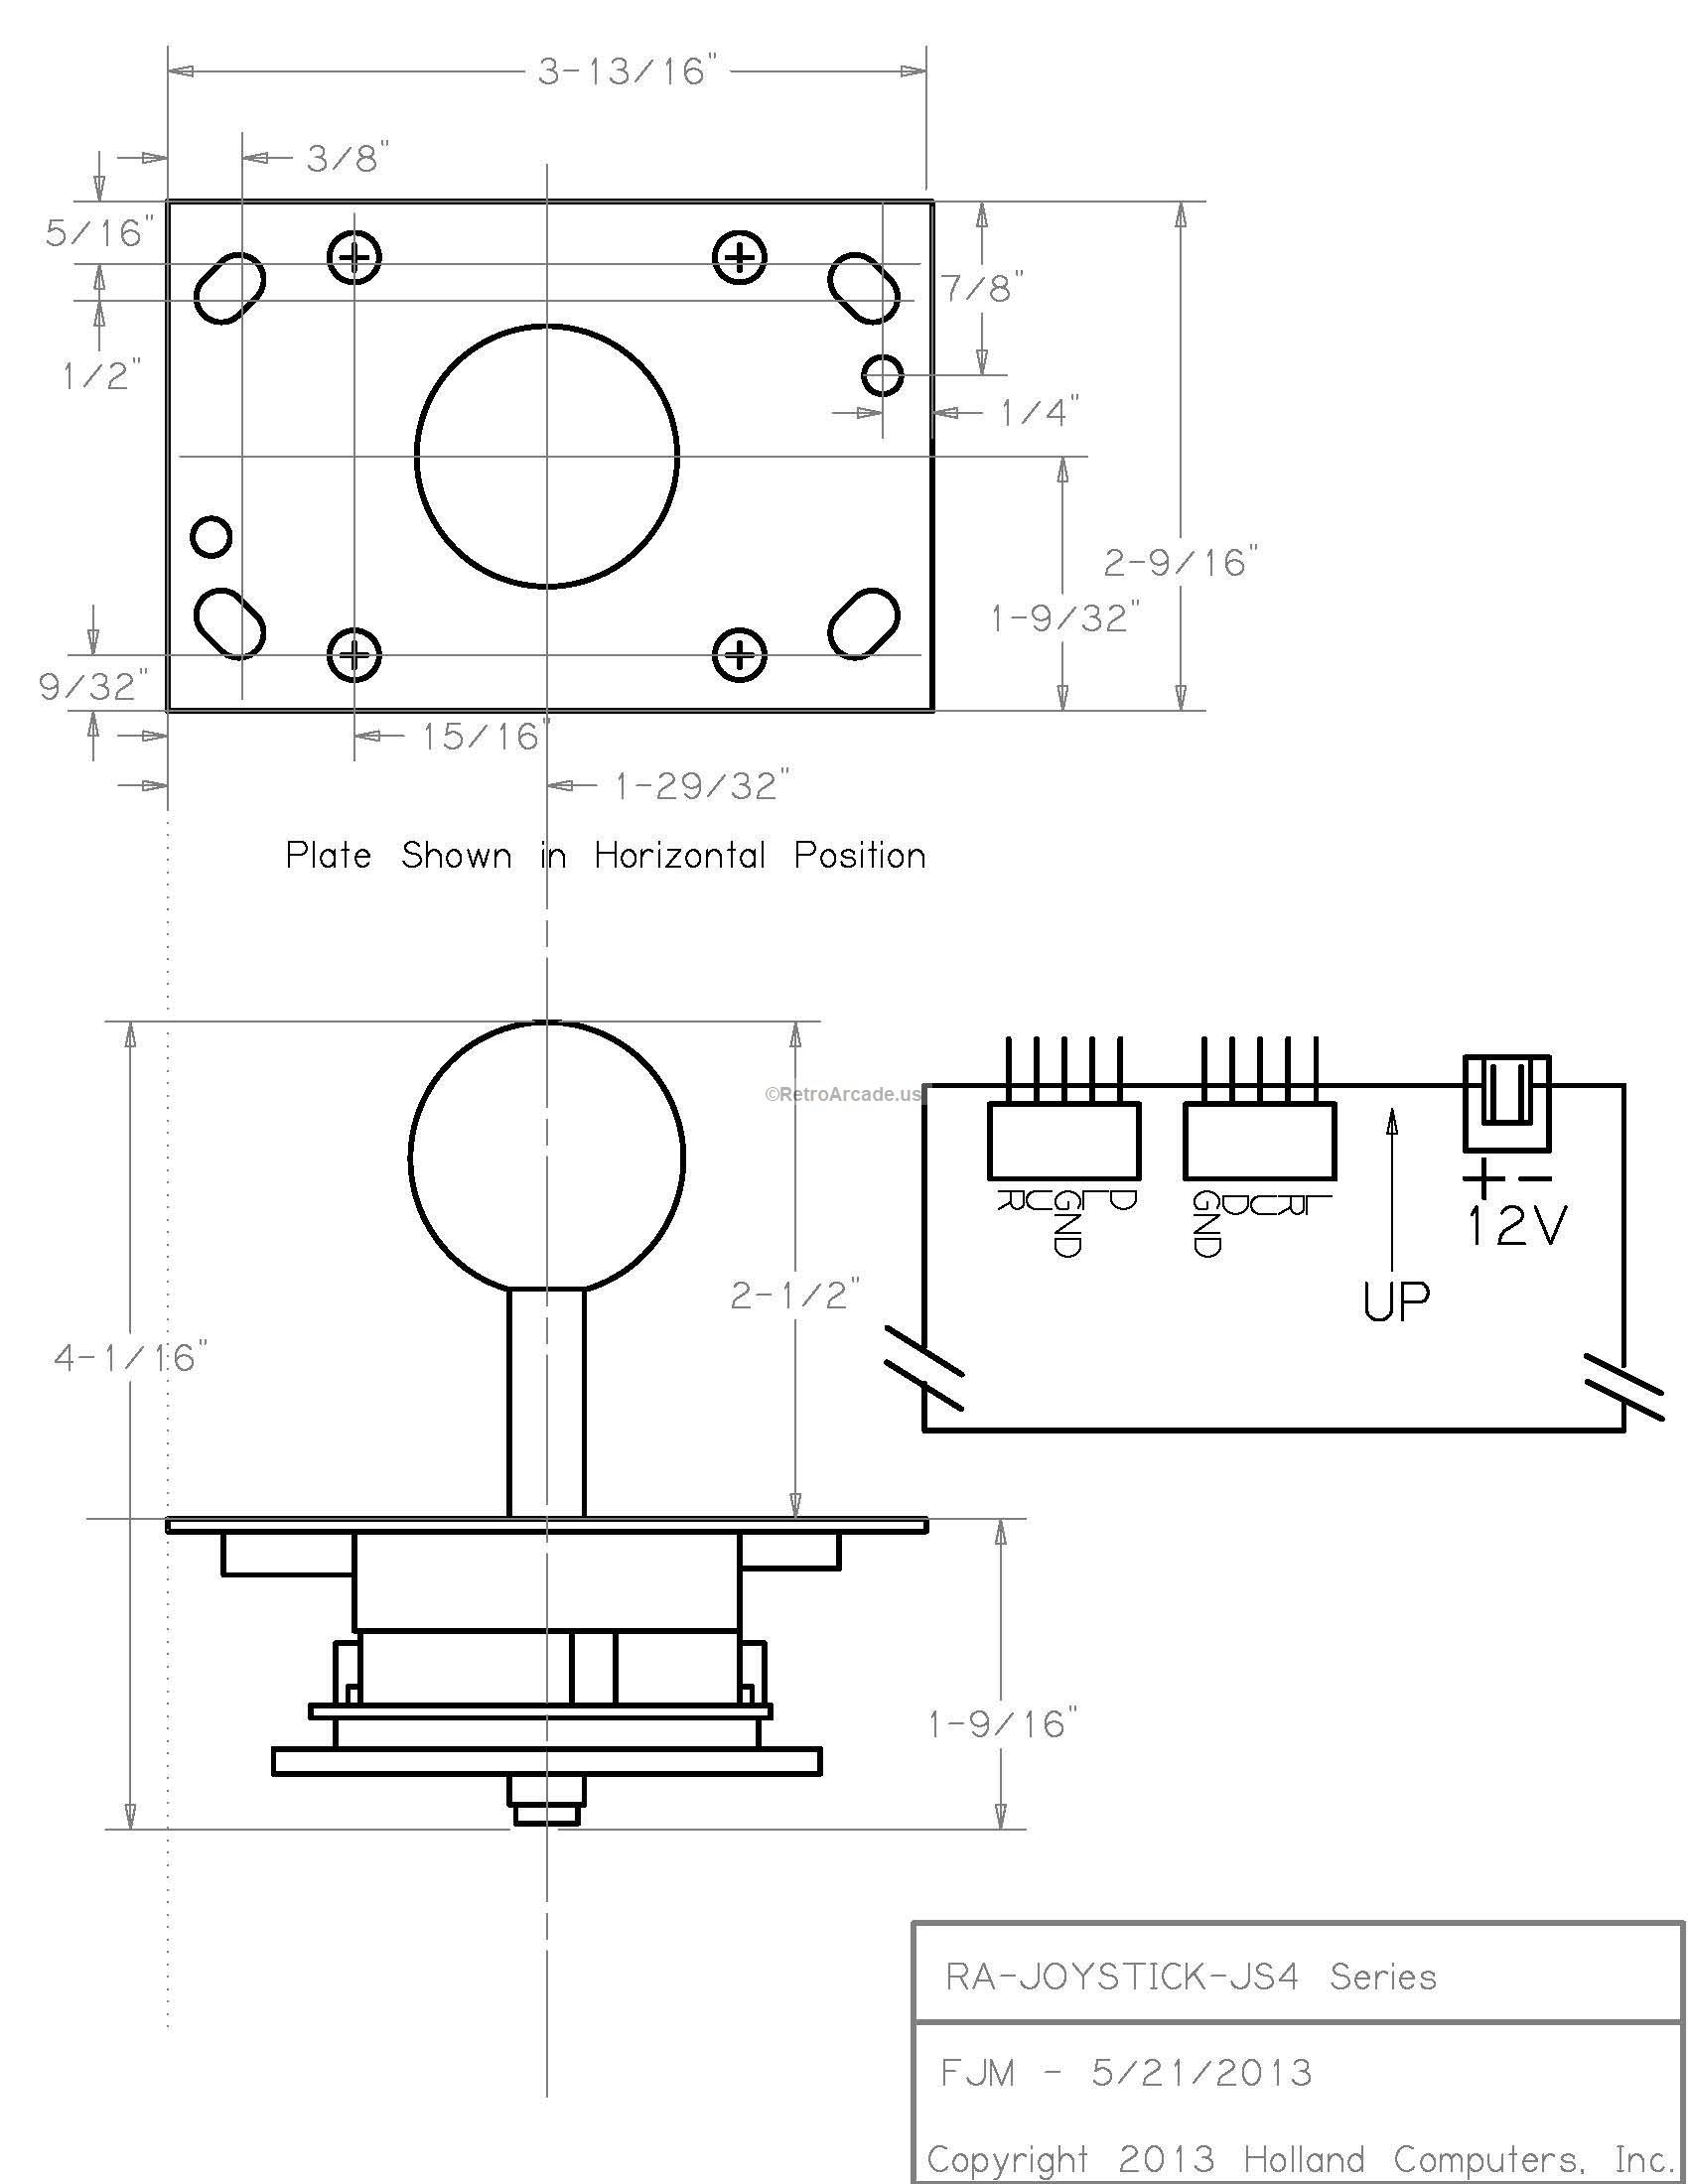 Arcade Cabi Wiring Harness Wiring Diagram Wiring Schematics